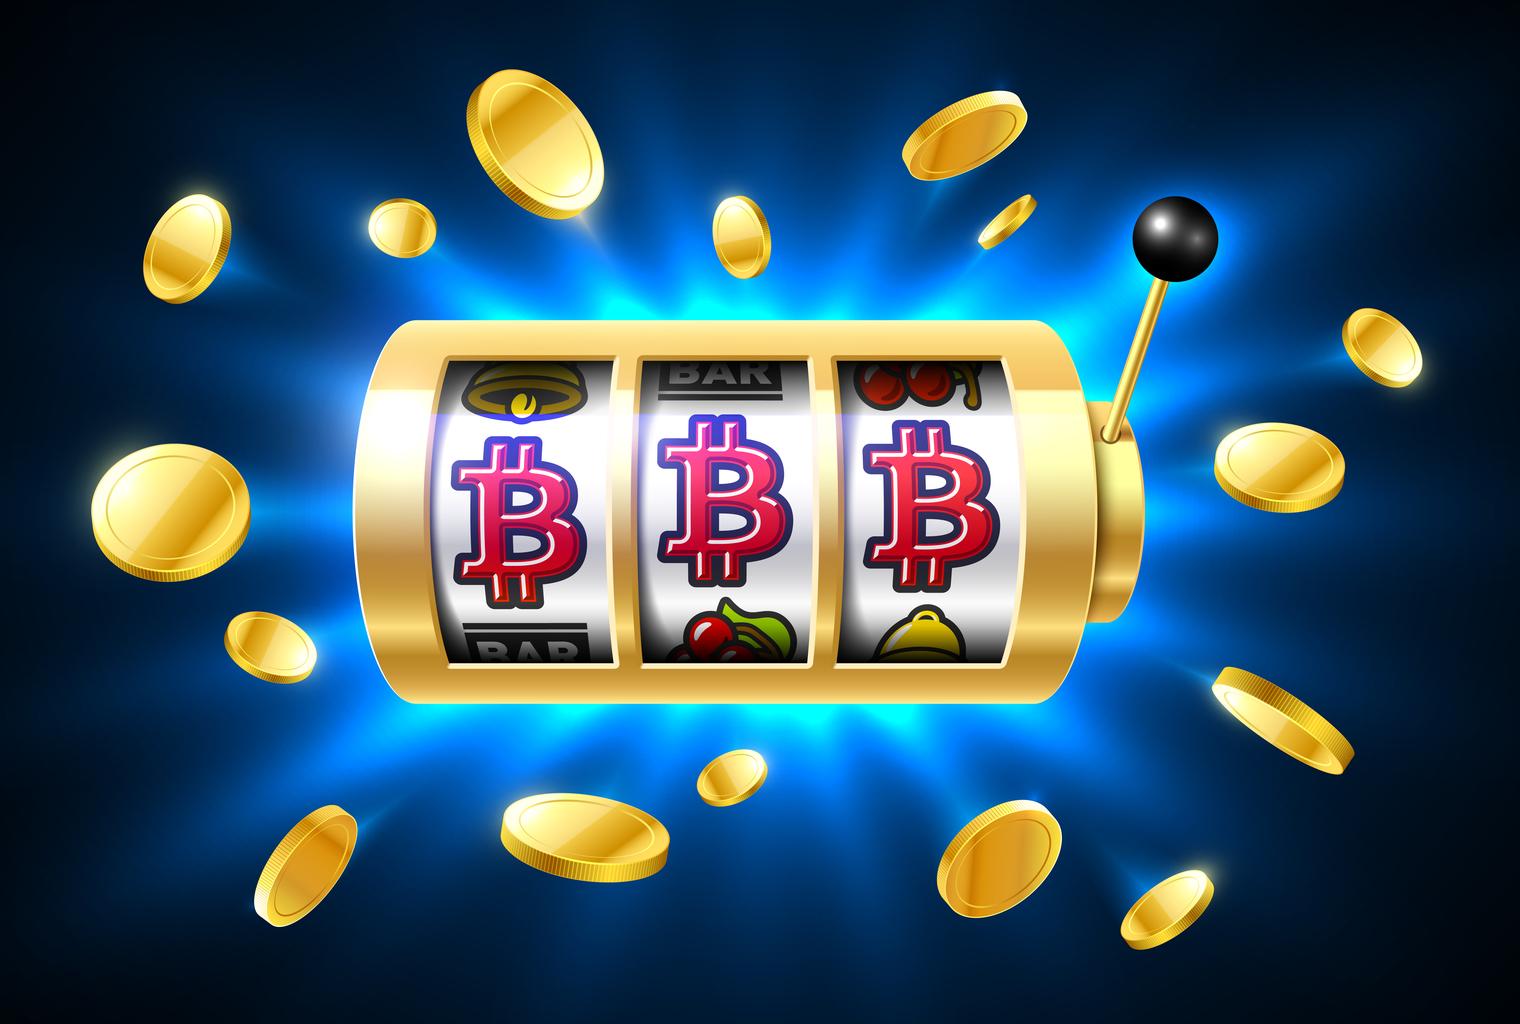 Bitcoin casino bitcoin slot games tips